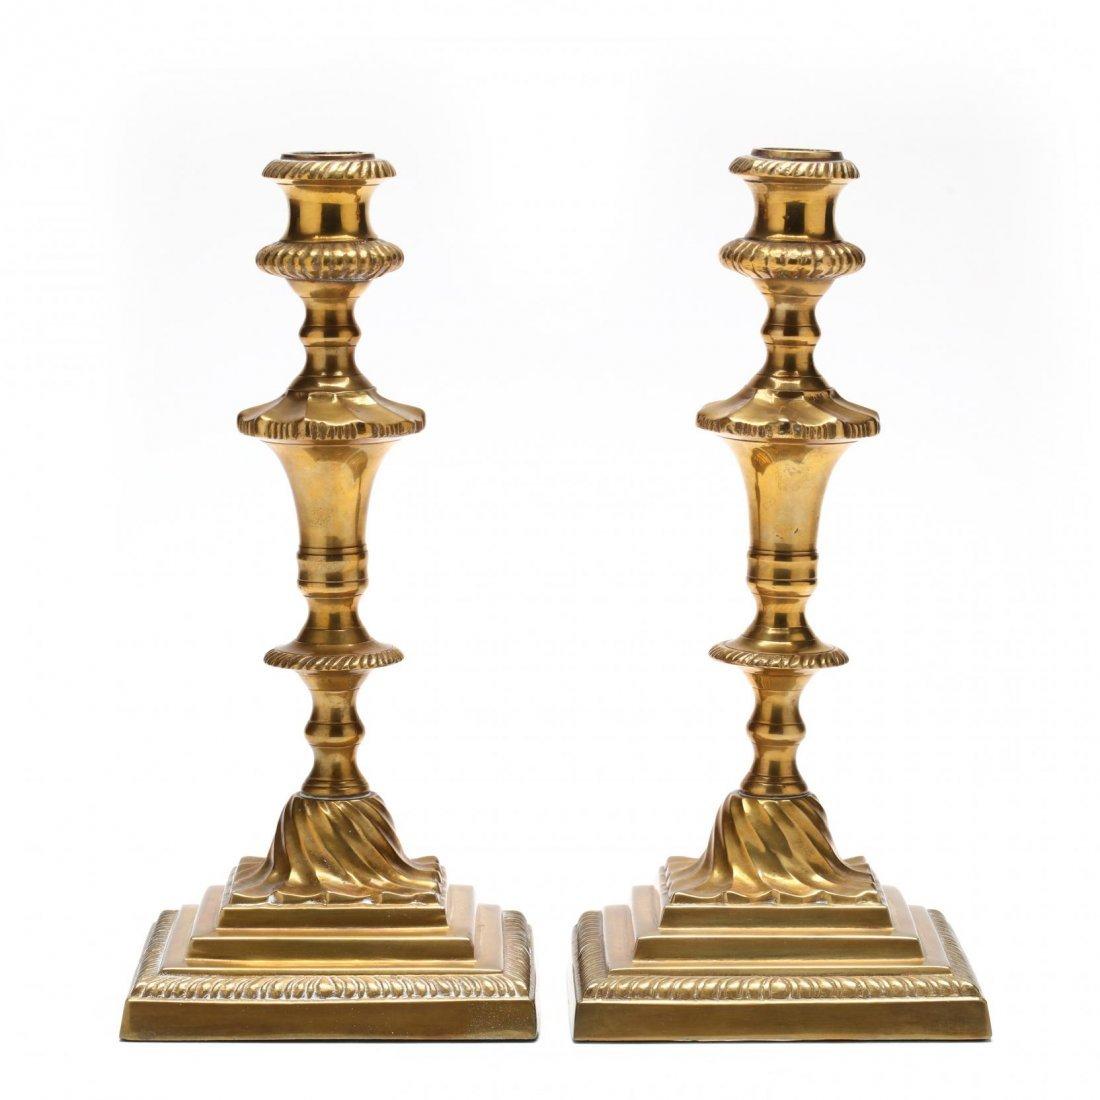 Pair of Cast Brass Candlesticks